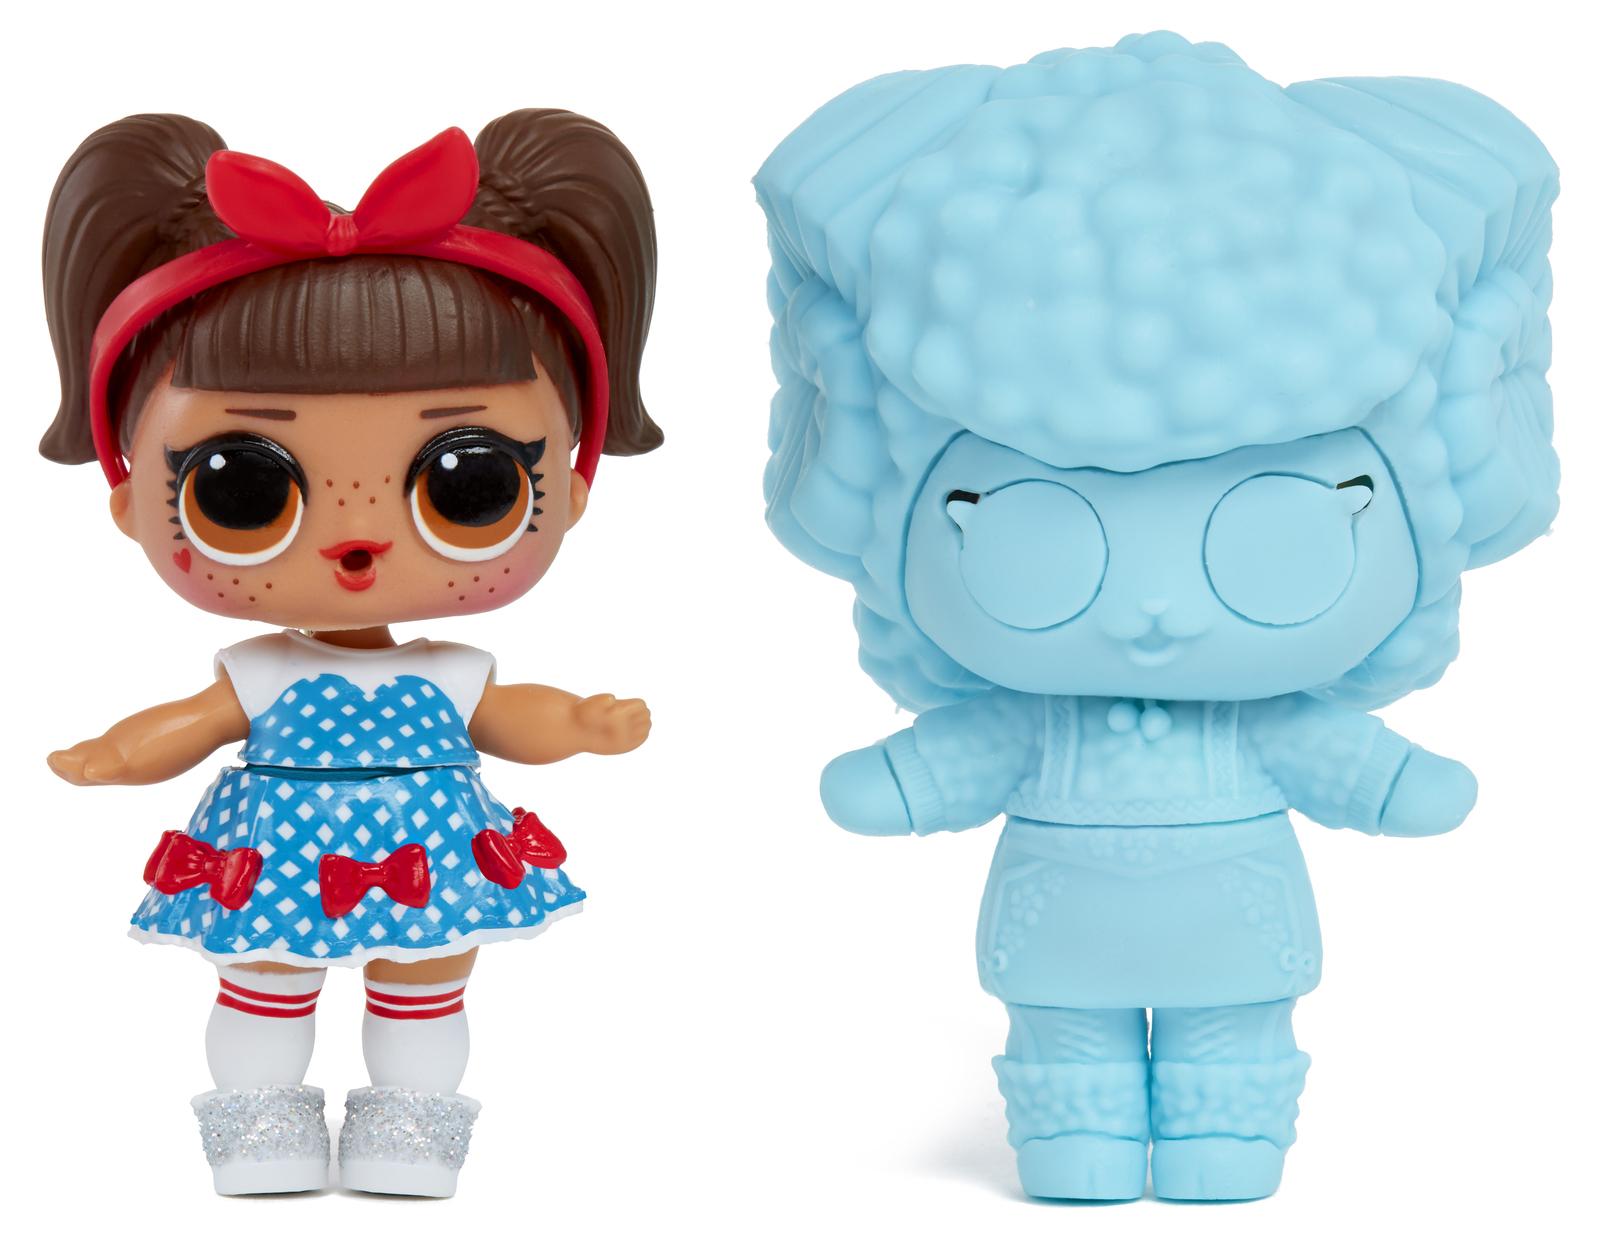 L.O.L: Surprise! Doll - Under Wraps (Blind Bag) image